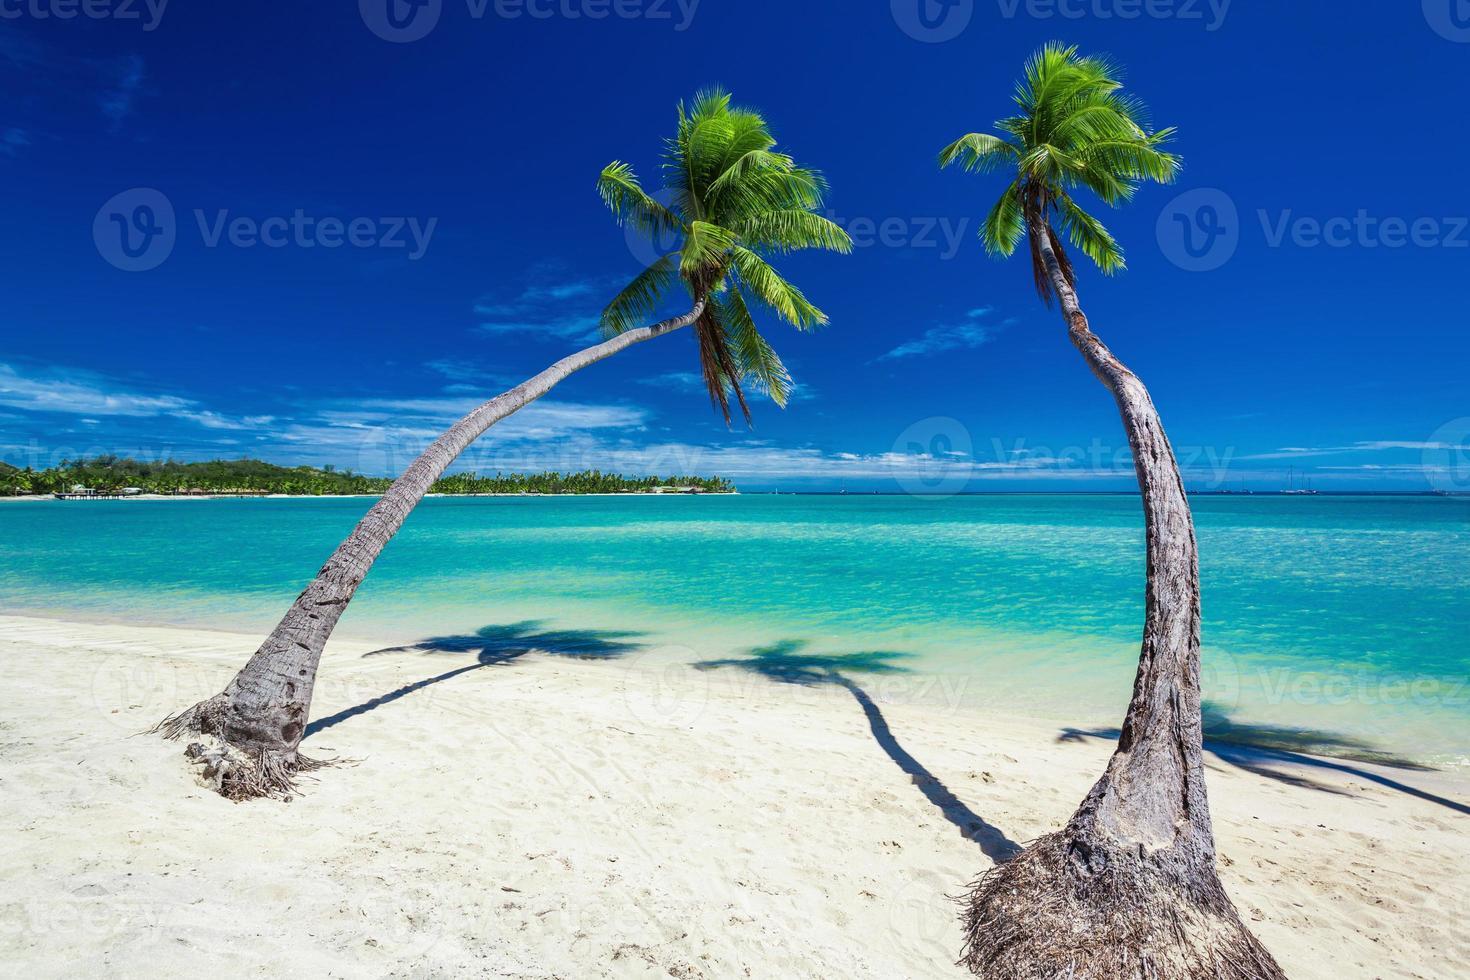 palmeiras pairando sobre a lagoa com céu azul em fiji foto